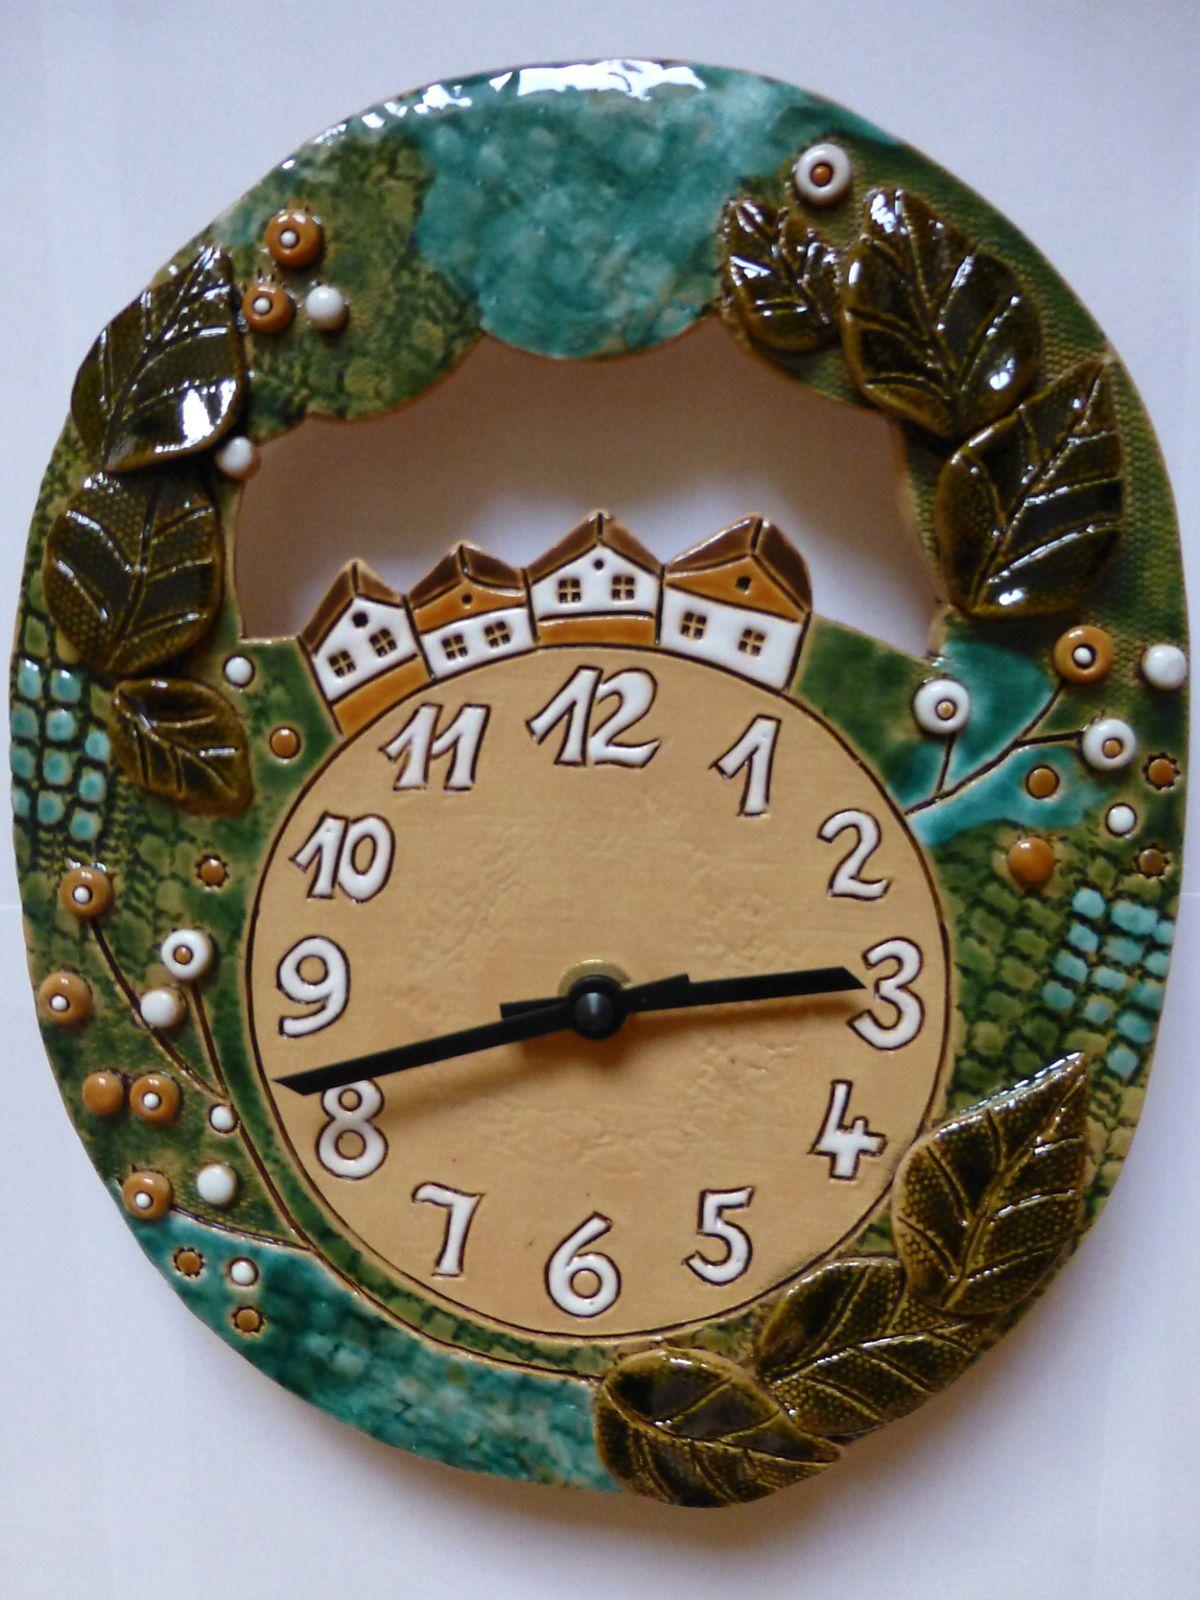 autorské hodiny Nástěnné keramické hodiny na zeď - domečky keramické hodiny domečky 2